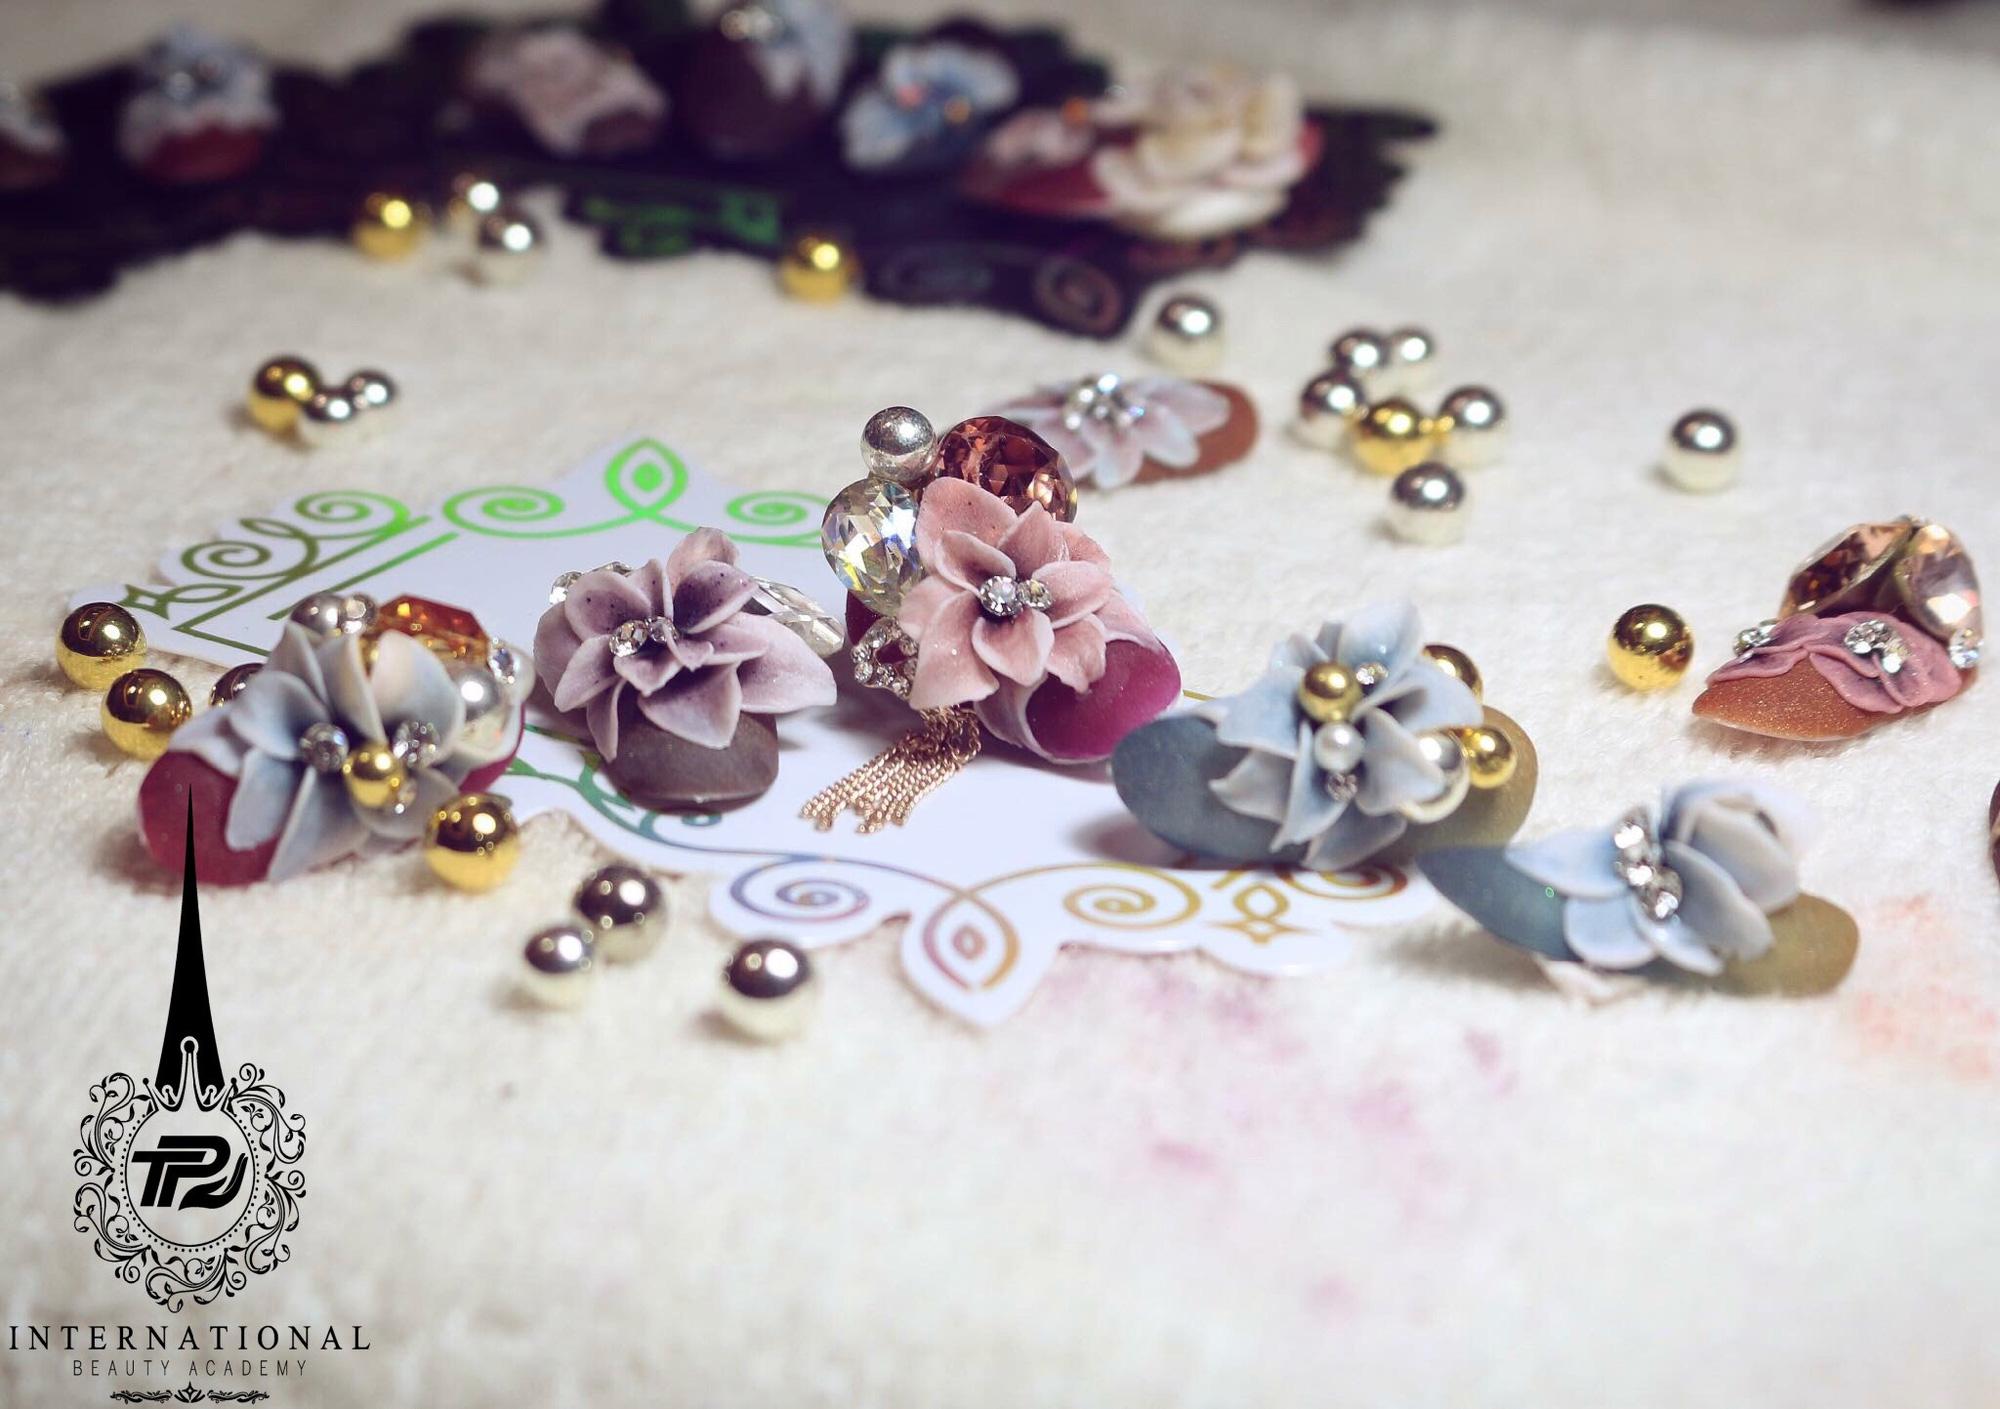 Bộ sưu tập nails sang trọng, đẳng cấp từ chuyên gia Trang Phạm - Ảnh 3.